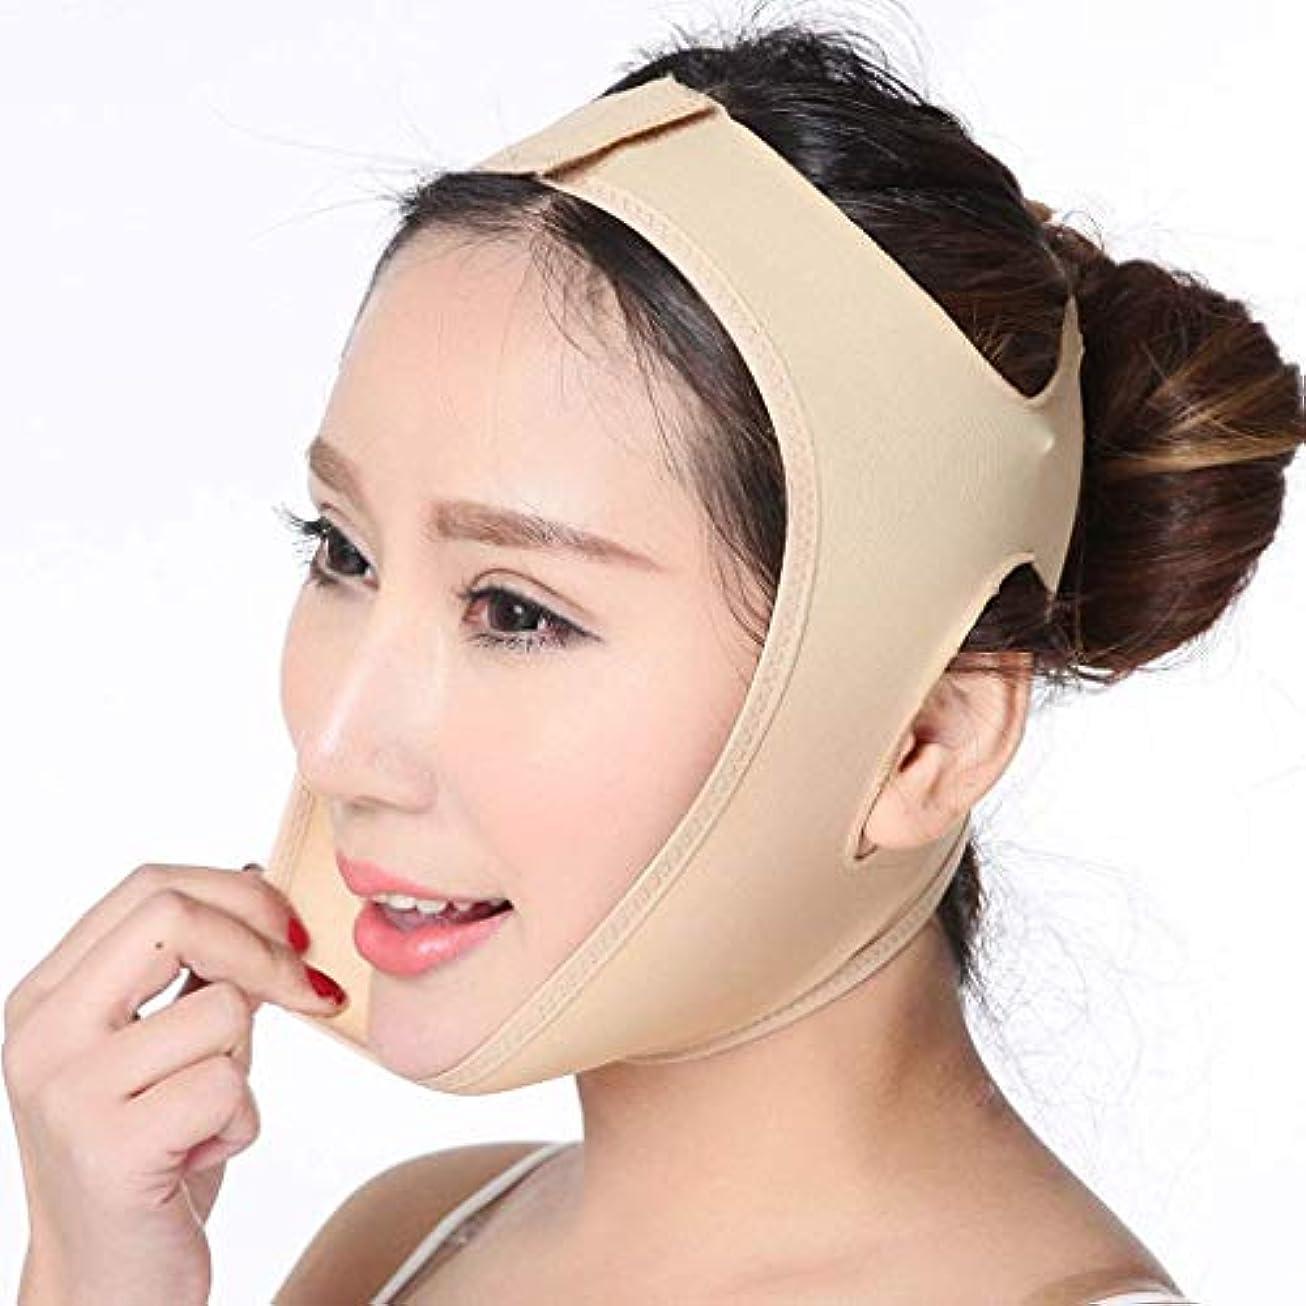 剥離嫌がるミスフェイスリフティング包帯、スリムマスク頬紅顔/痩身包帯をスリミング睡眠とV顔は、二重あご通気性、肌を減らす (XXL)